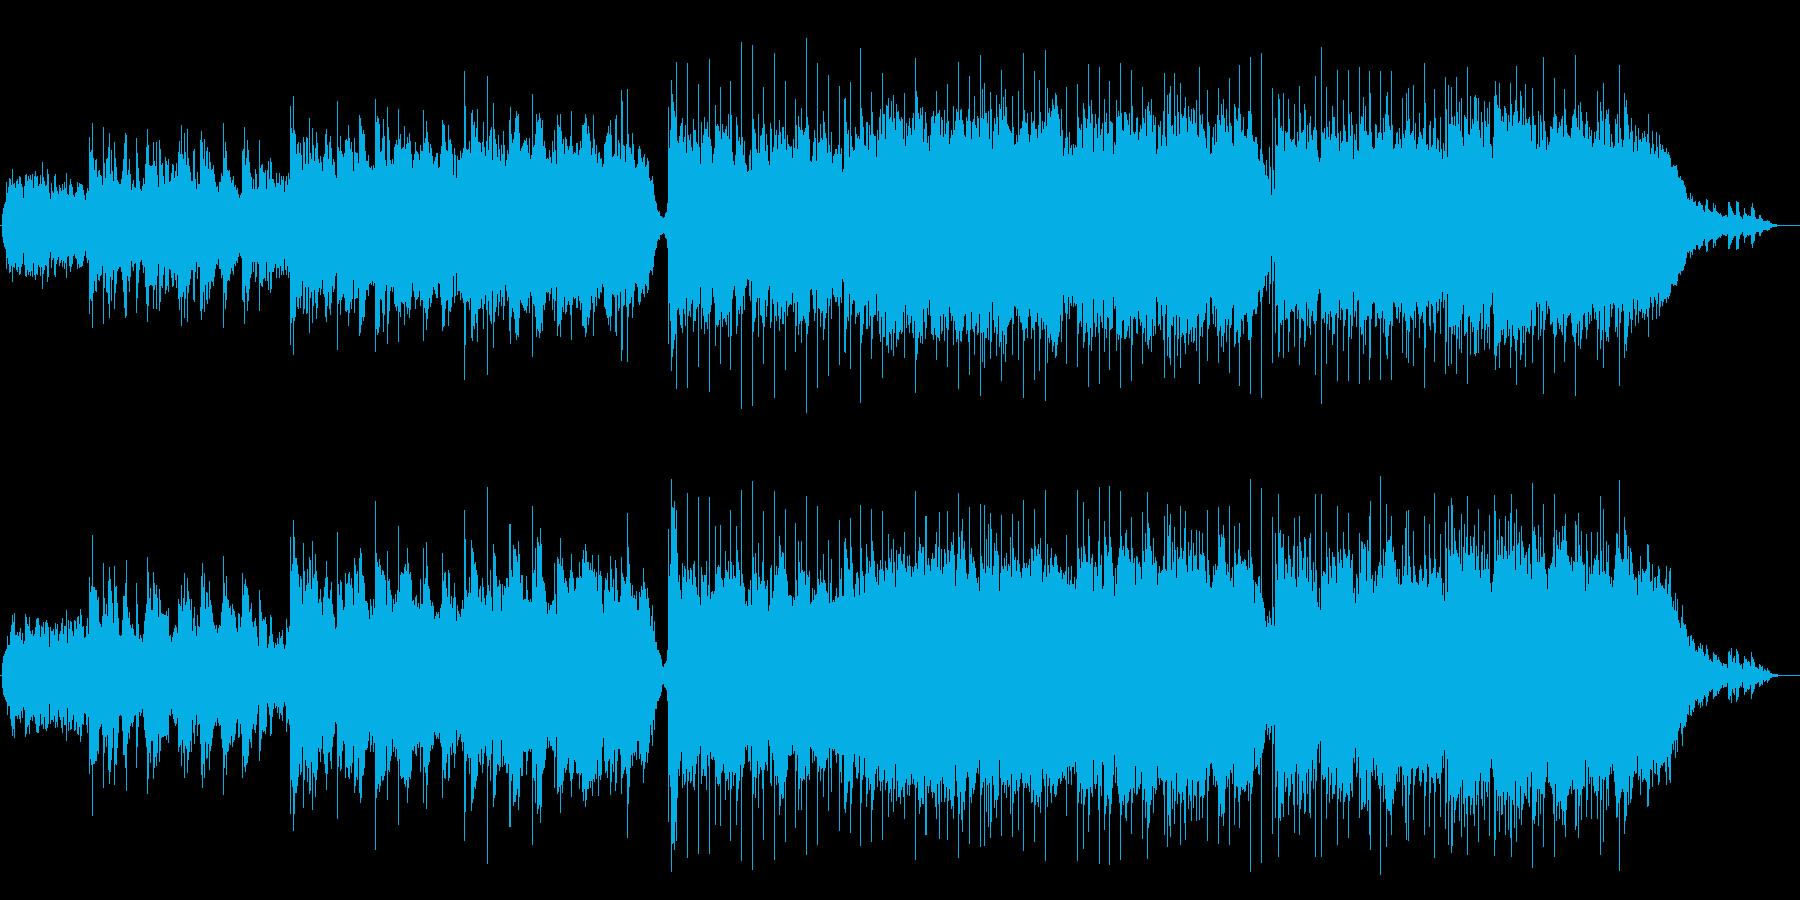 ロマンチックなウェディングピアノバラードの再生済みの波形